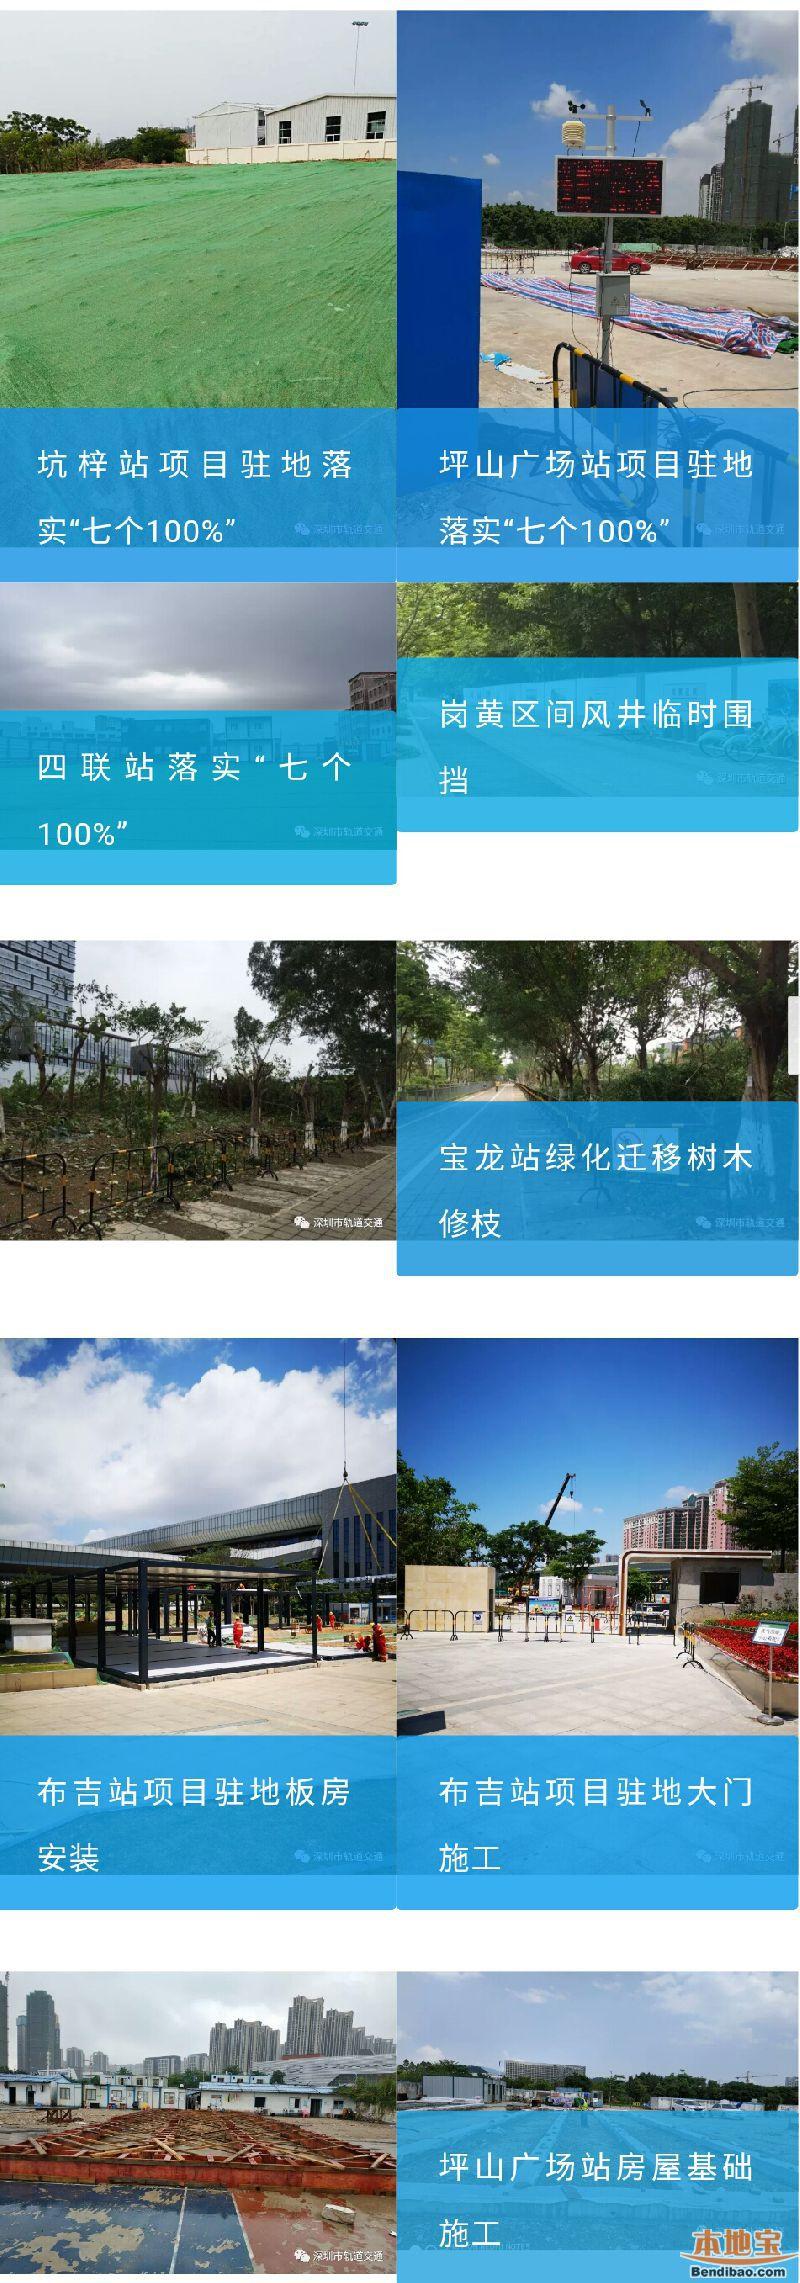 深圳地铁14号线各工区建设顺利推进 力争2022年竣工